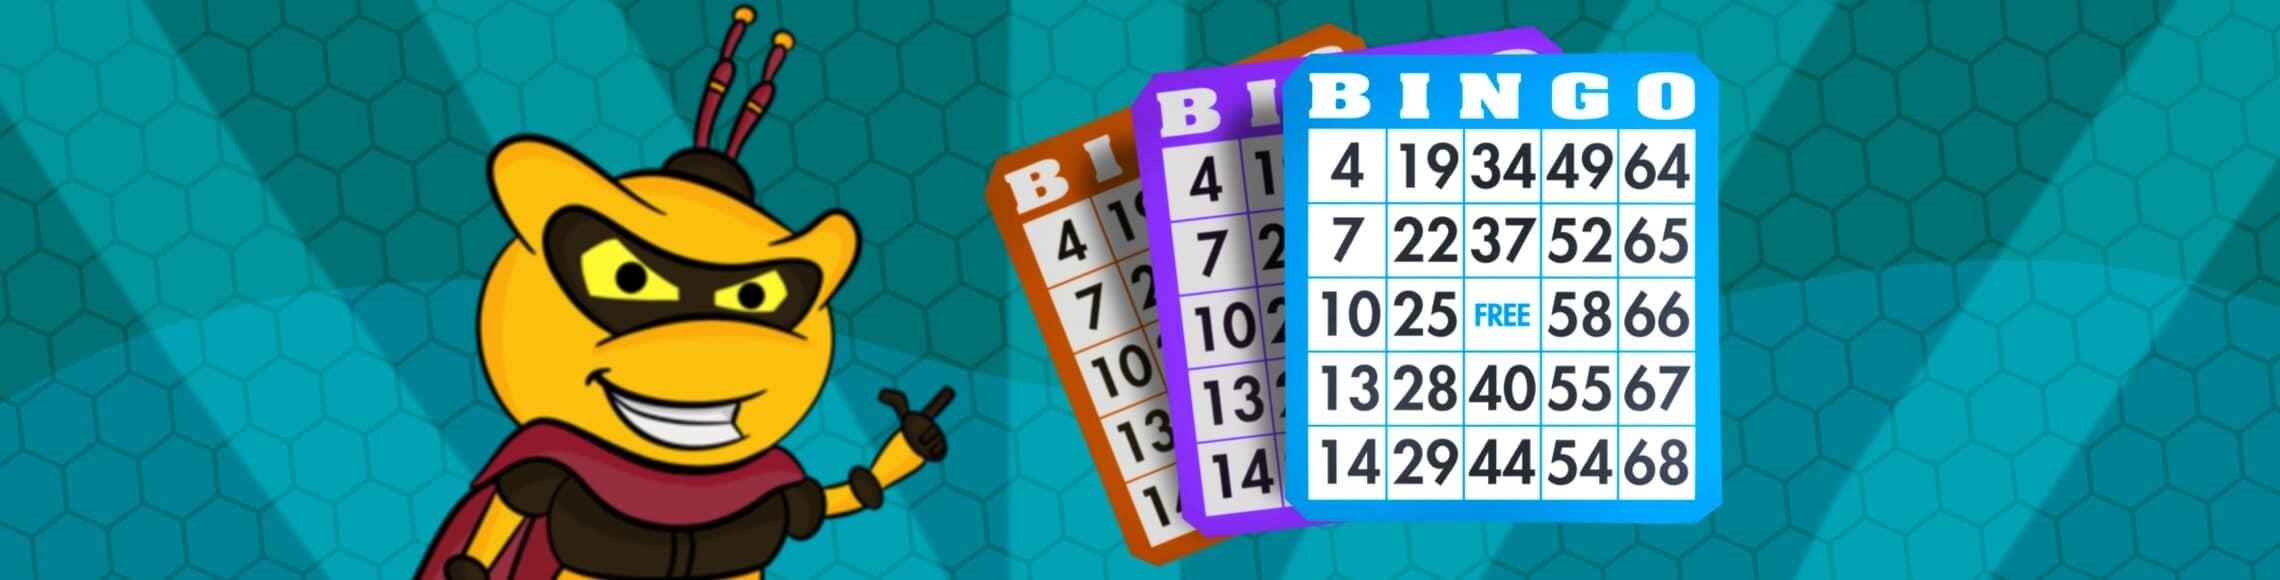 Bingo Sites with Bonus